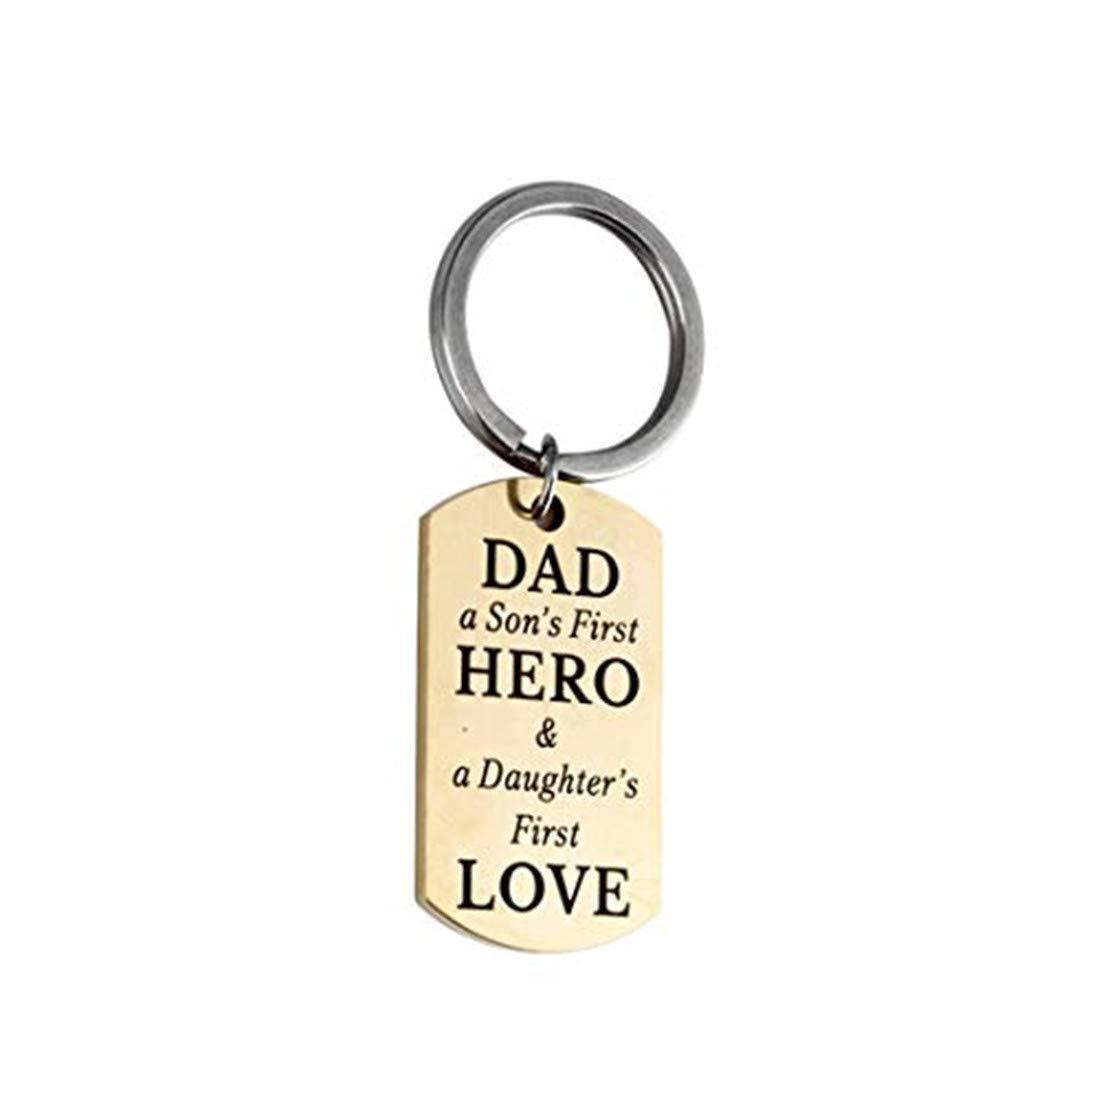 Schlüsselanhänger mit AufschriftFather Son's First Hero Daughter's First Love FDGJKGDHLD ERG